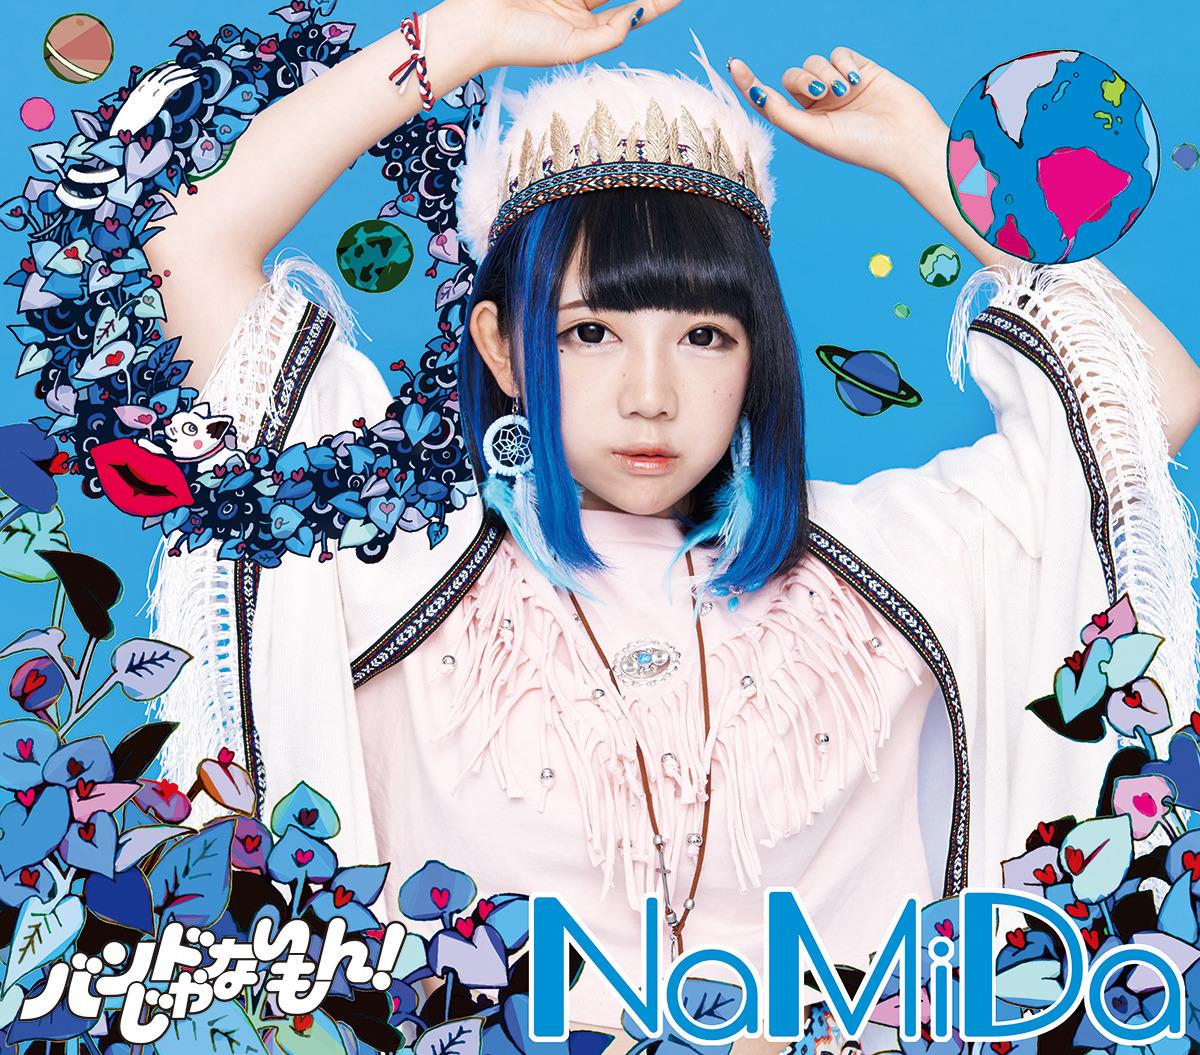 Nmd_momo_h1